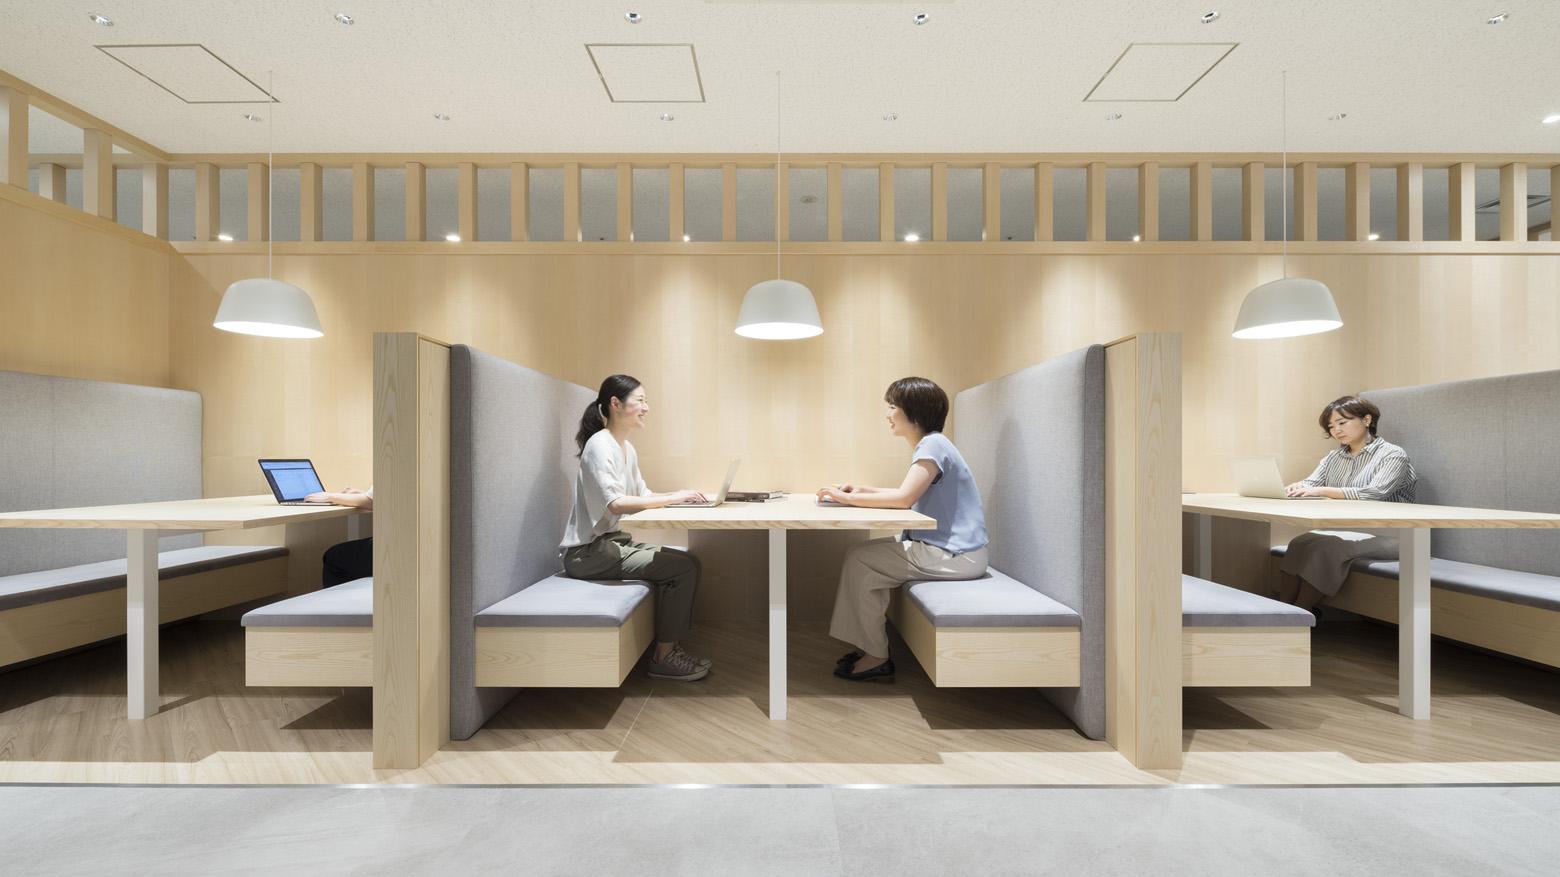 公益財団法人日本陸上競技連盟 Meeting Booth_2 デザイン・レイアウト事例